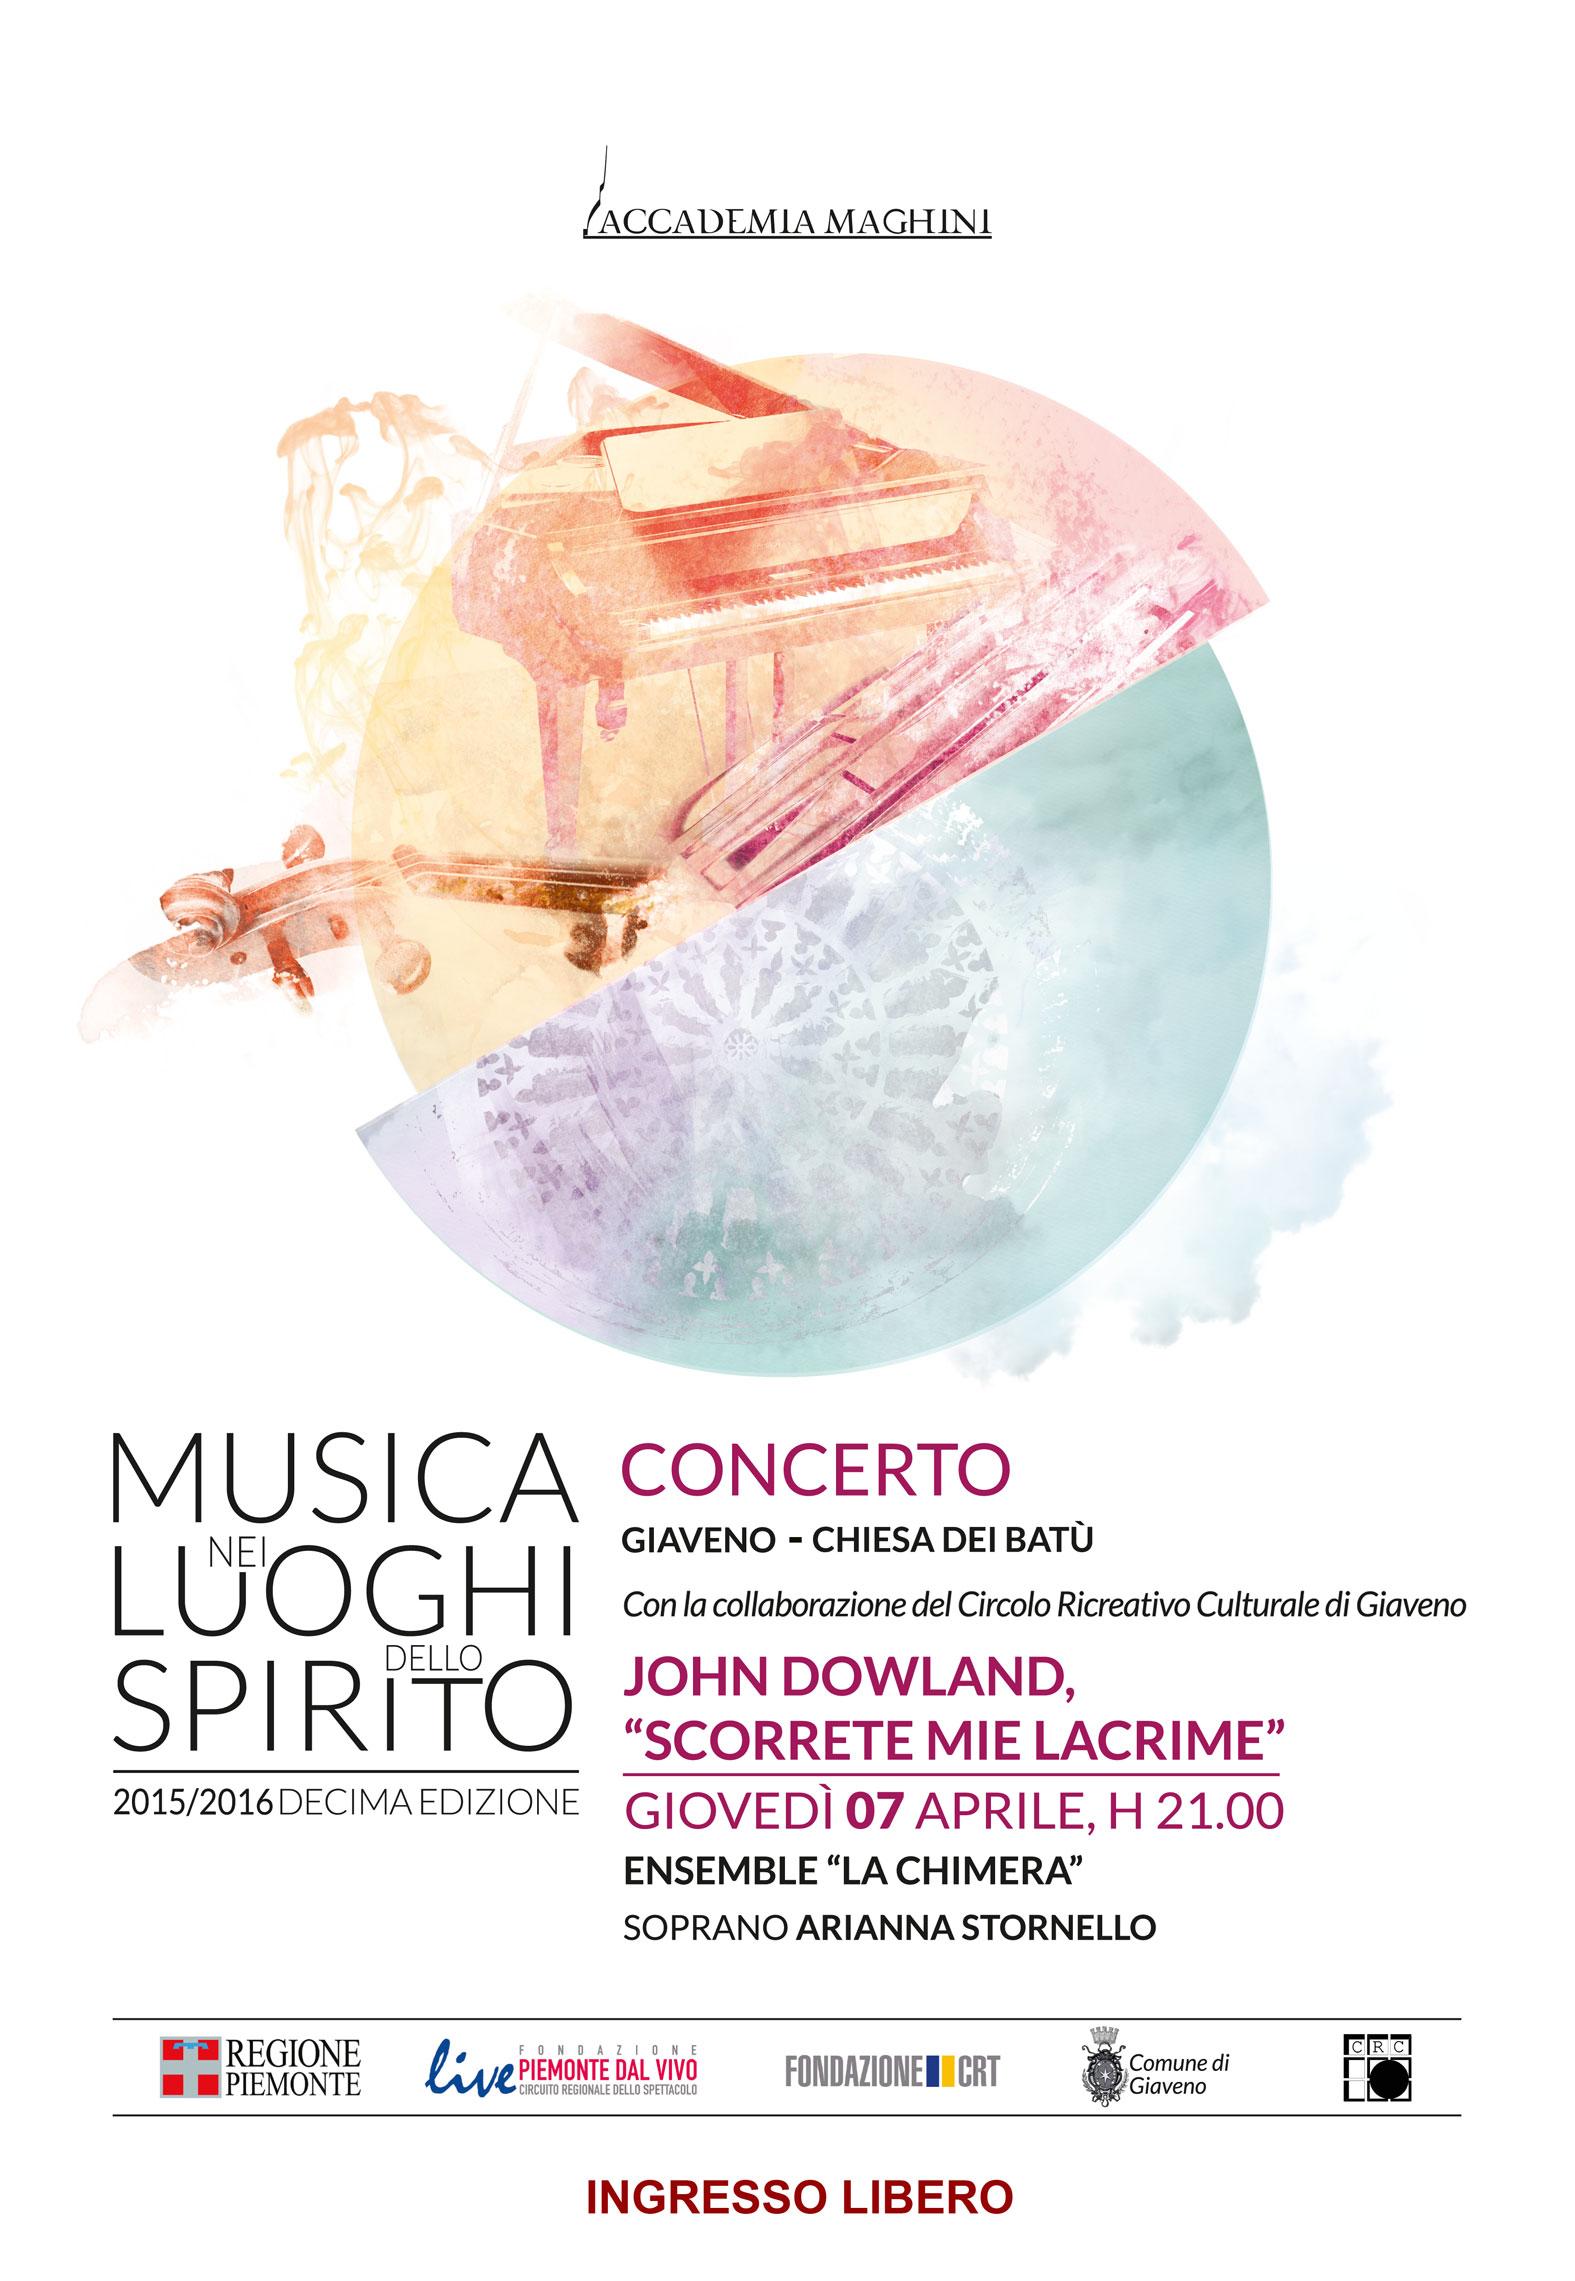 Musica nei Luoghi dello Spirito  – Concerto